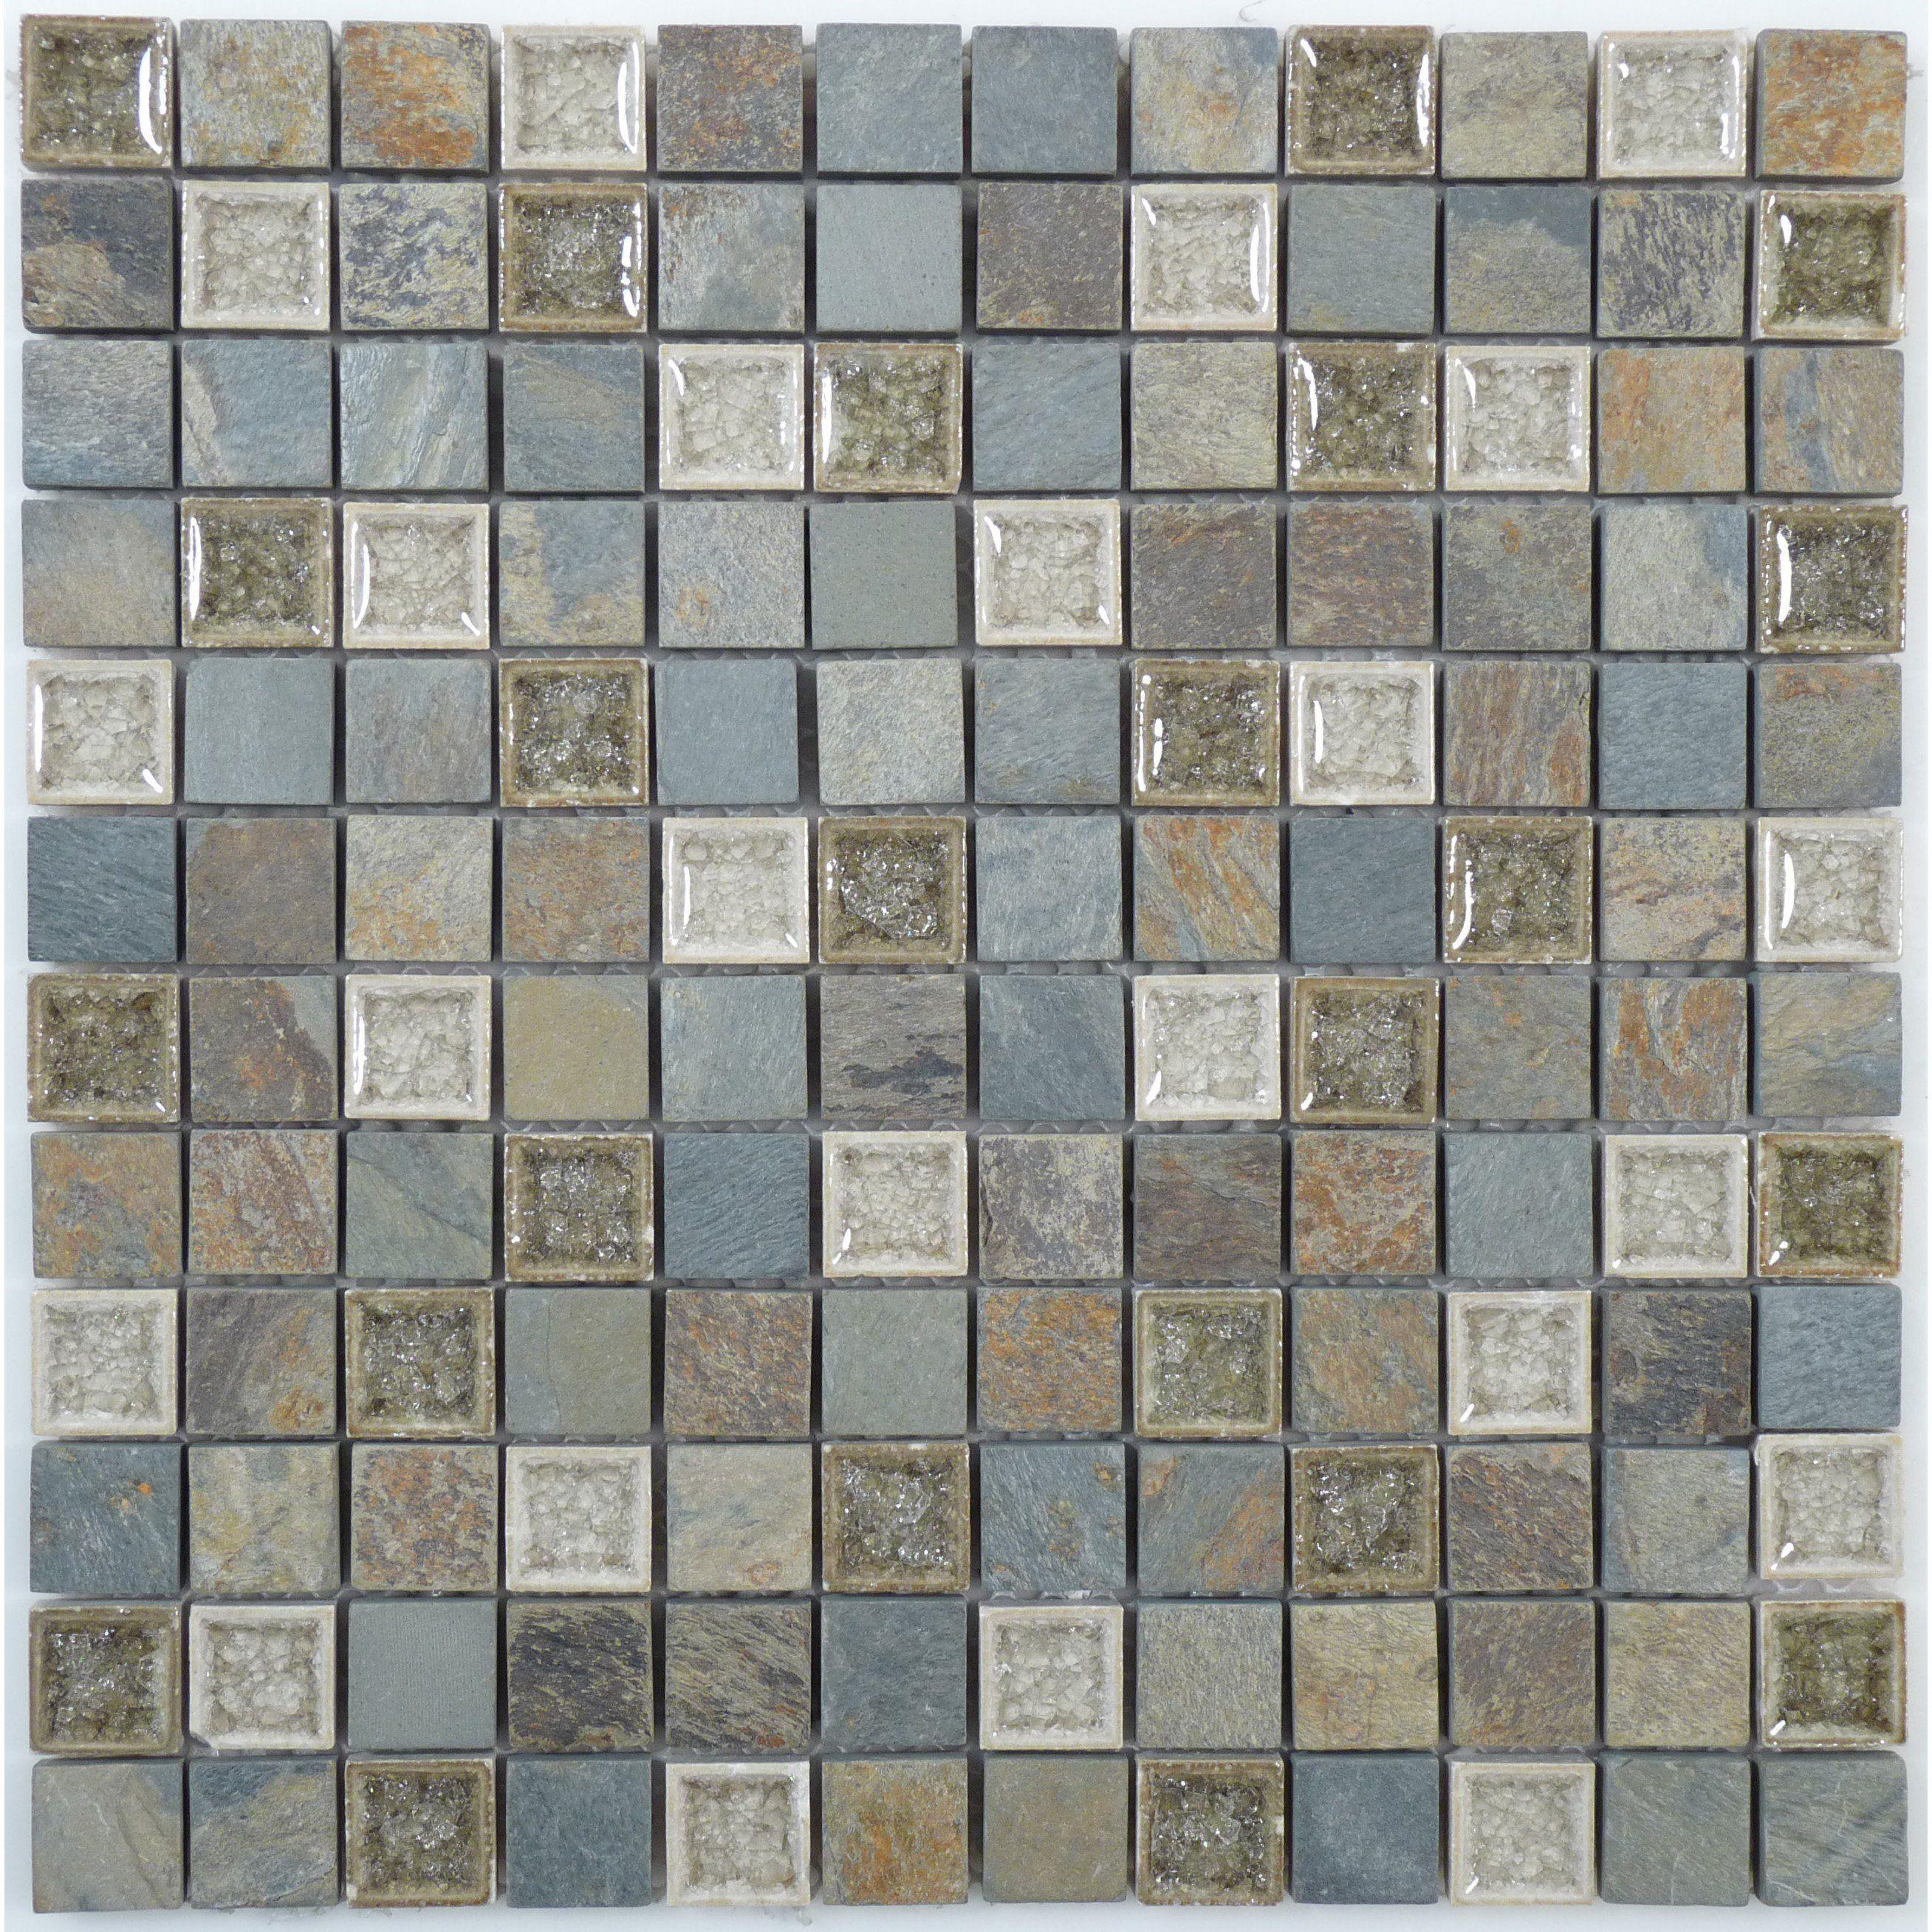 Sheet Size 11 7 X2f 8 Quot X 11 7 X2f 8 Quot Tile Size 1 Quot X 1 Quot Tiles Per Sheet 144 Til Mosaic Tile Designs Mosaic Tiles Glass Tile